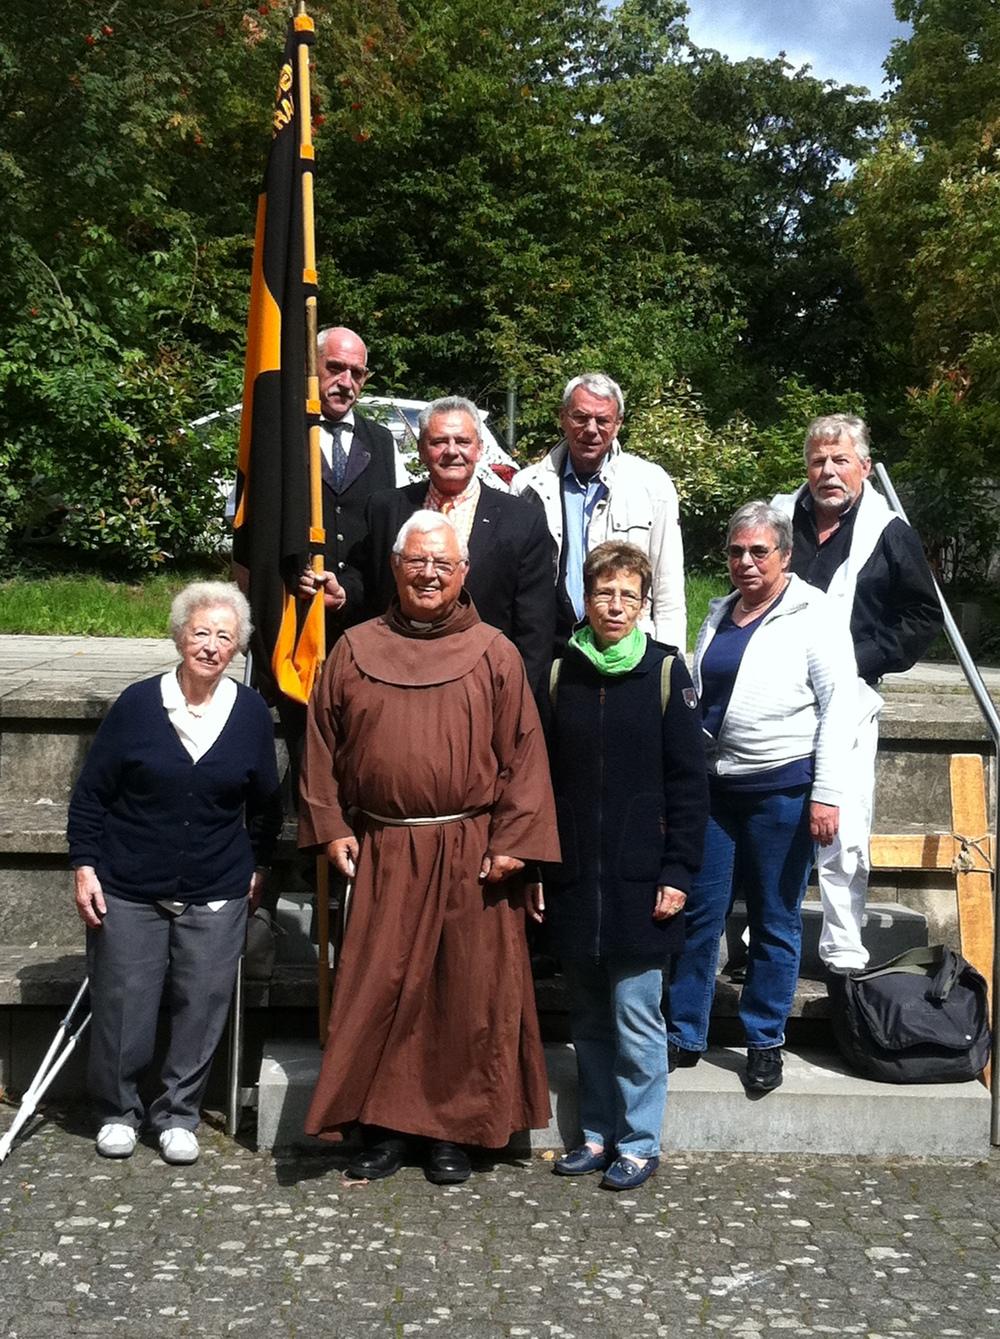 Foto: Kolpingfamilie Wiesbaden